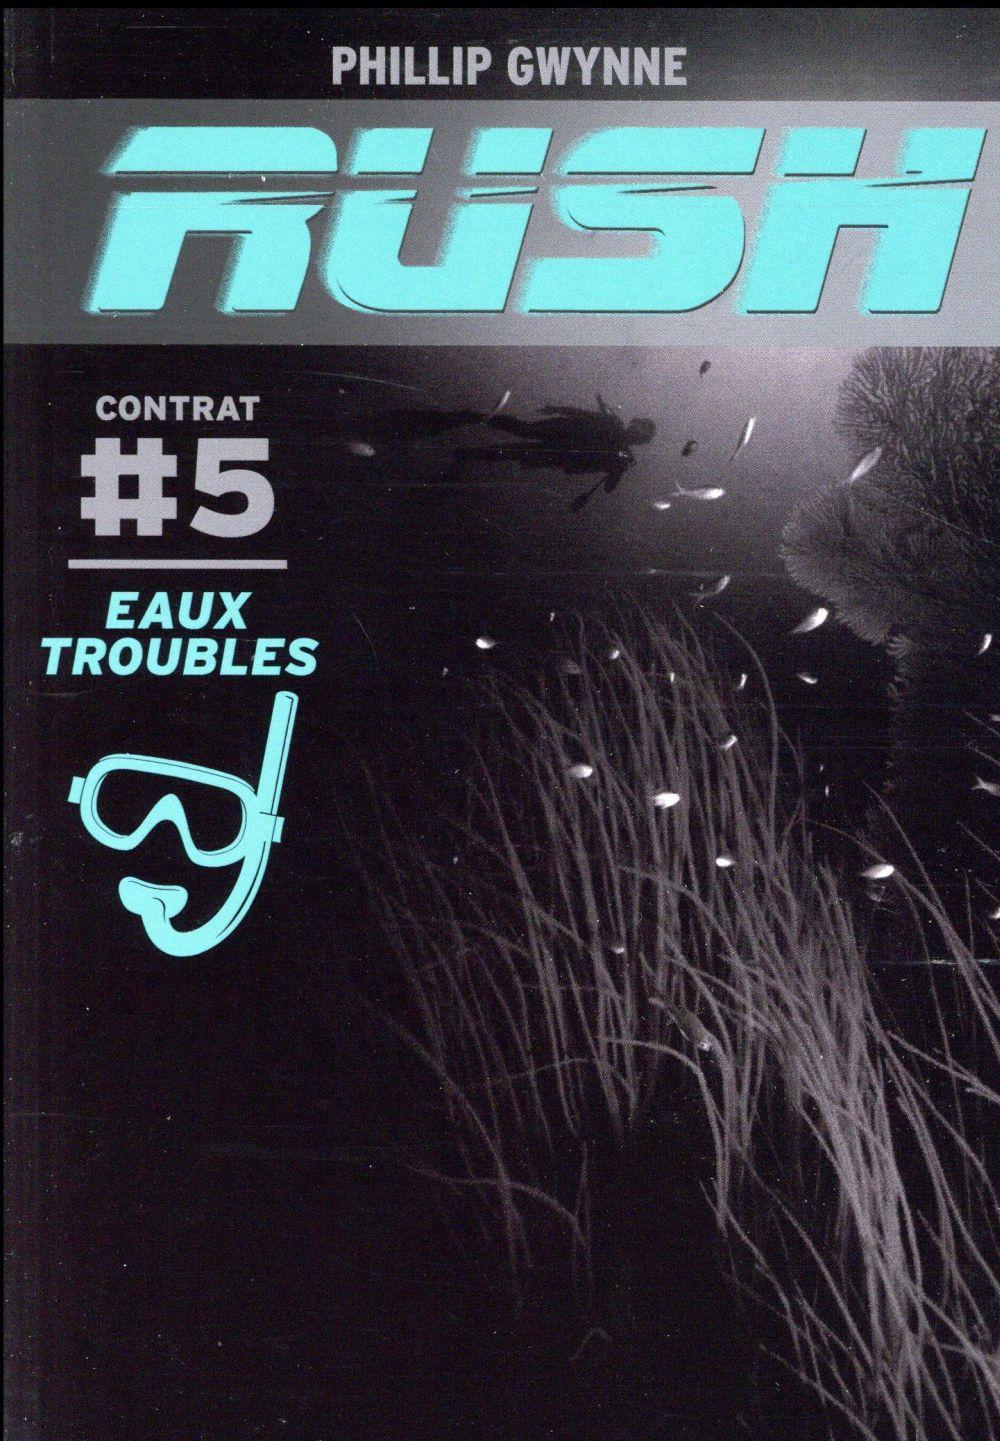 EAUX TROUBLES - CONTRAT #5